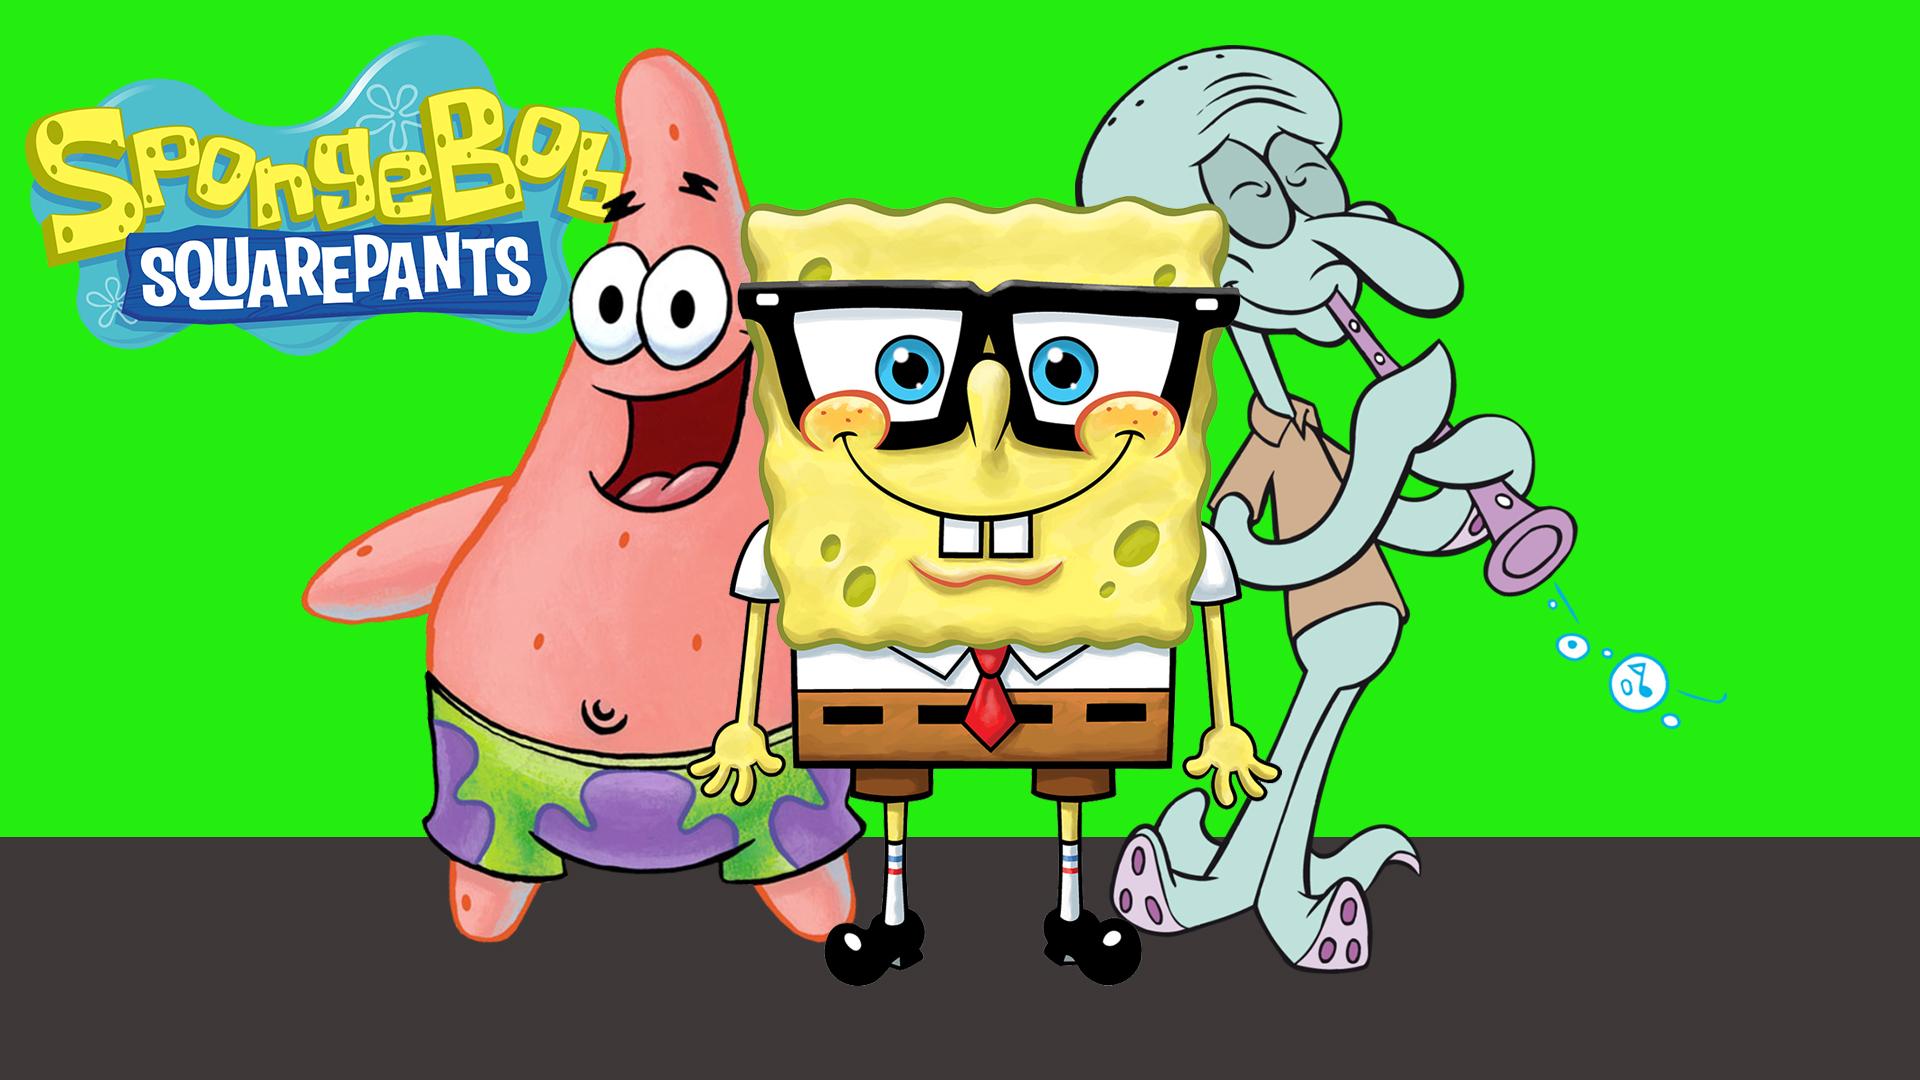 Spongebob Patrick And Squidward Spongebob Squarepants Achtergrond 40611090 Fanpop Page 10